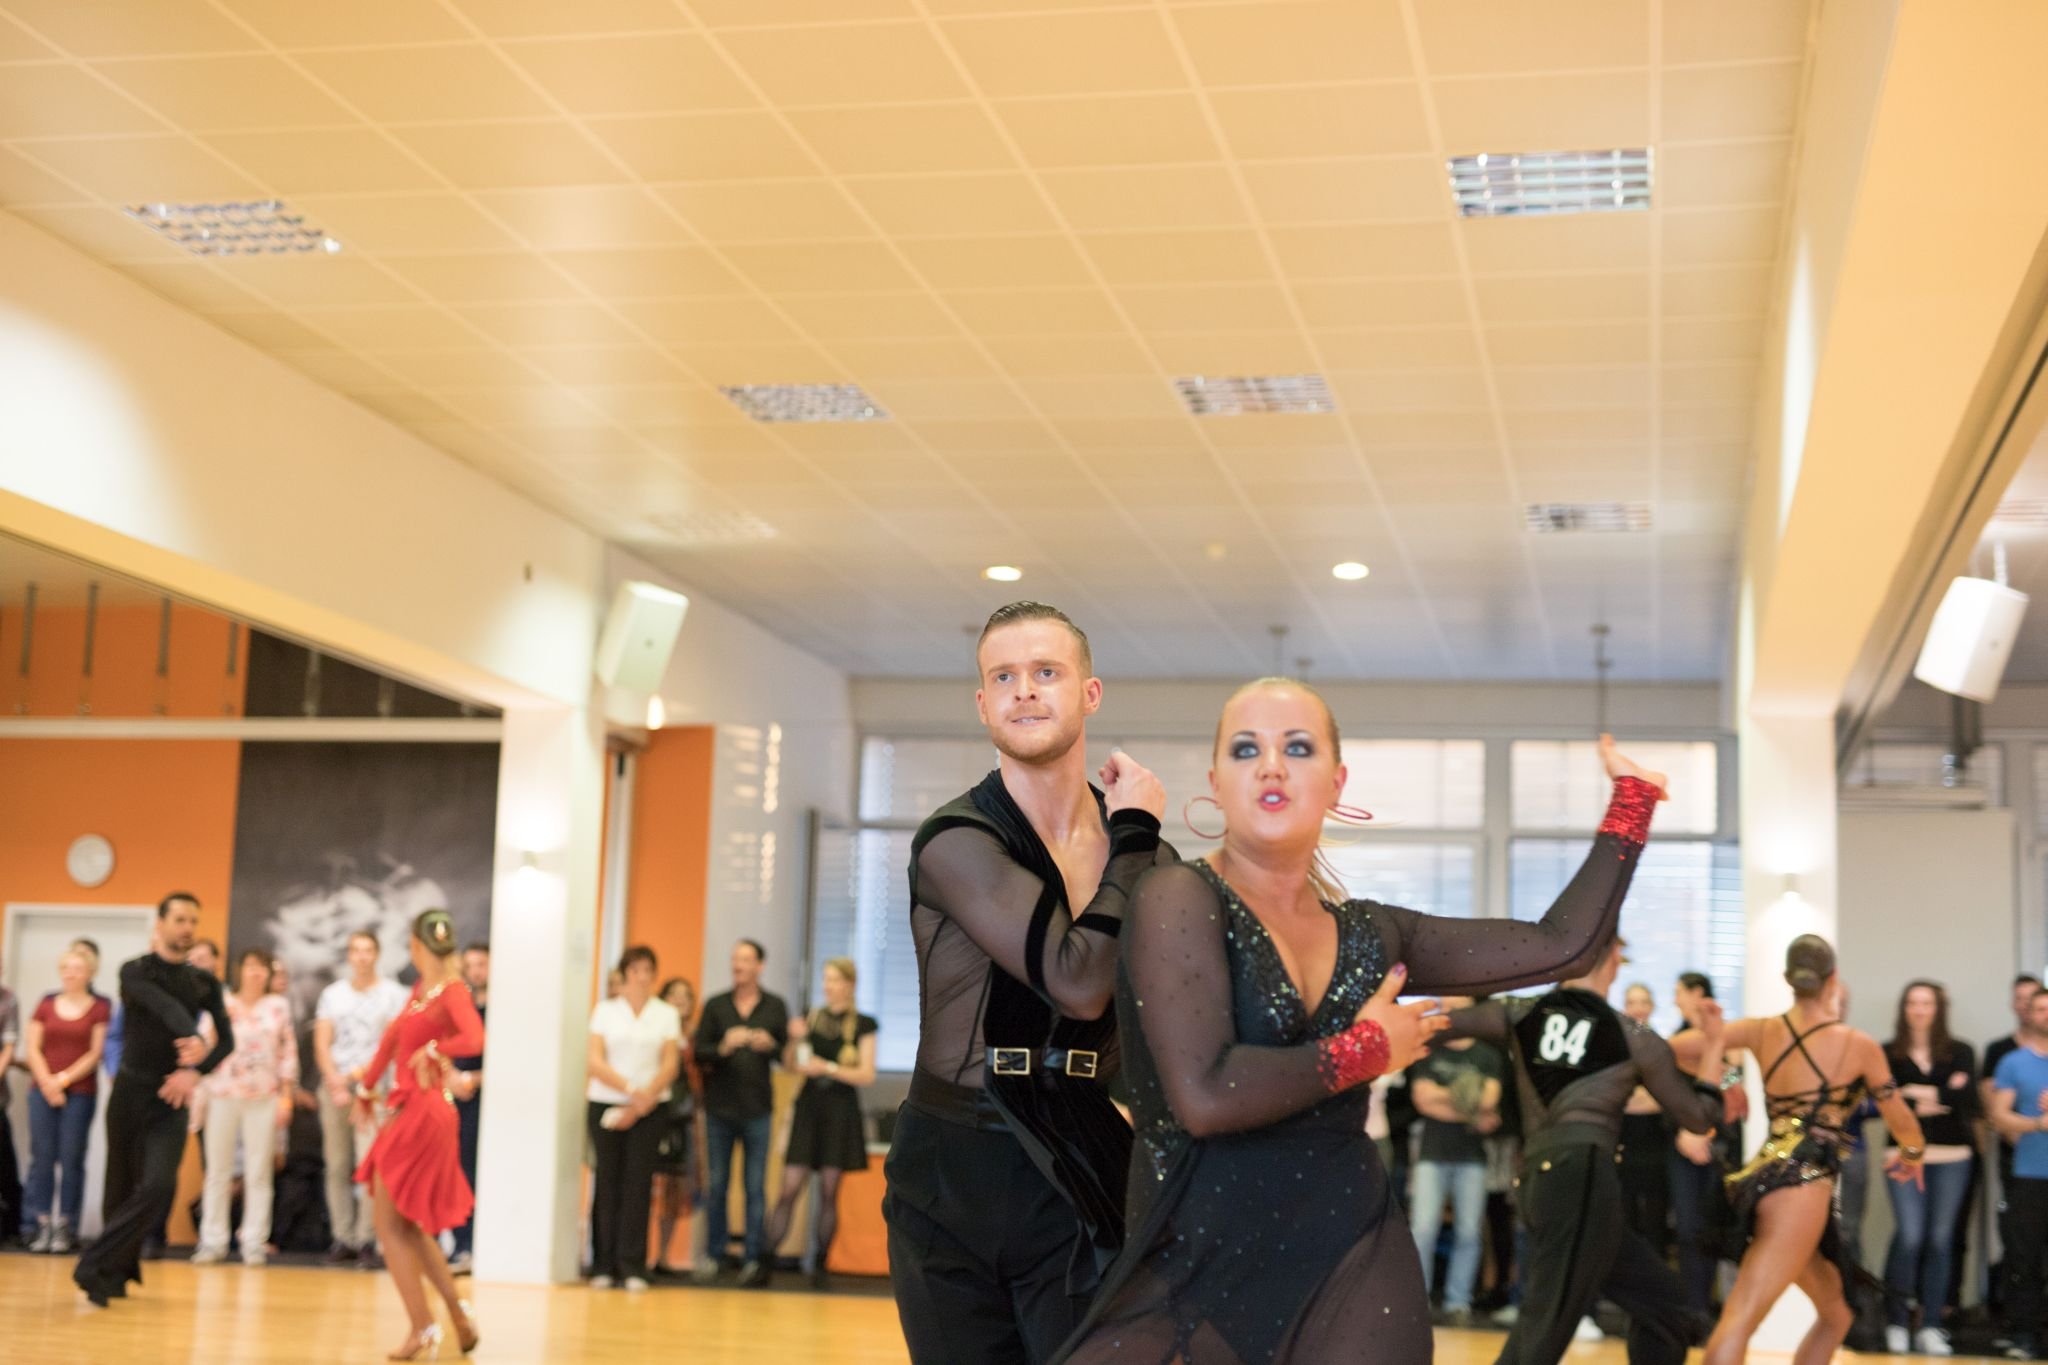 Landesmeisterschaft Hgr D-A Latein 2019